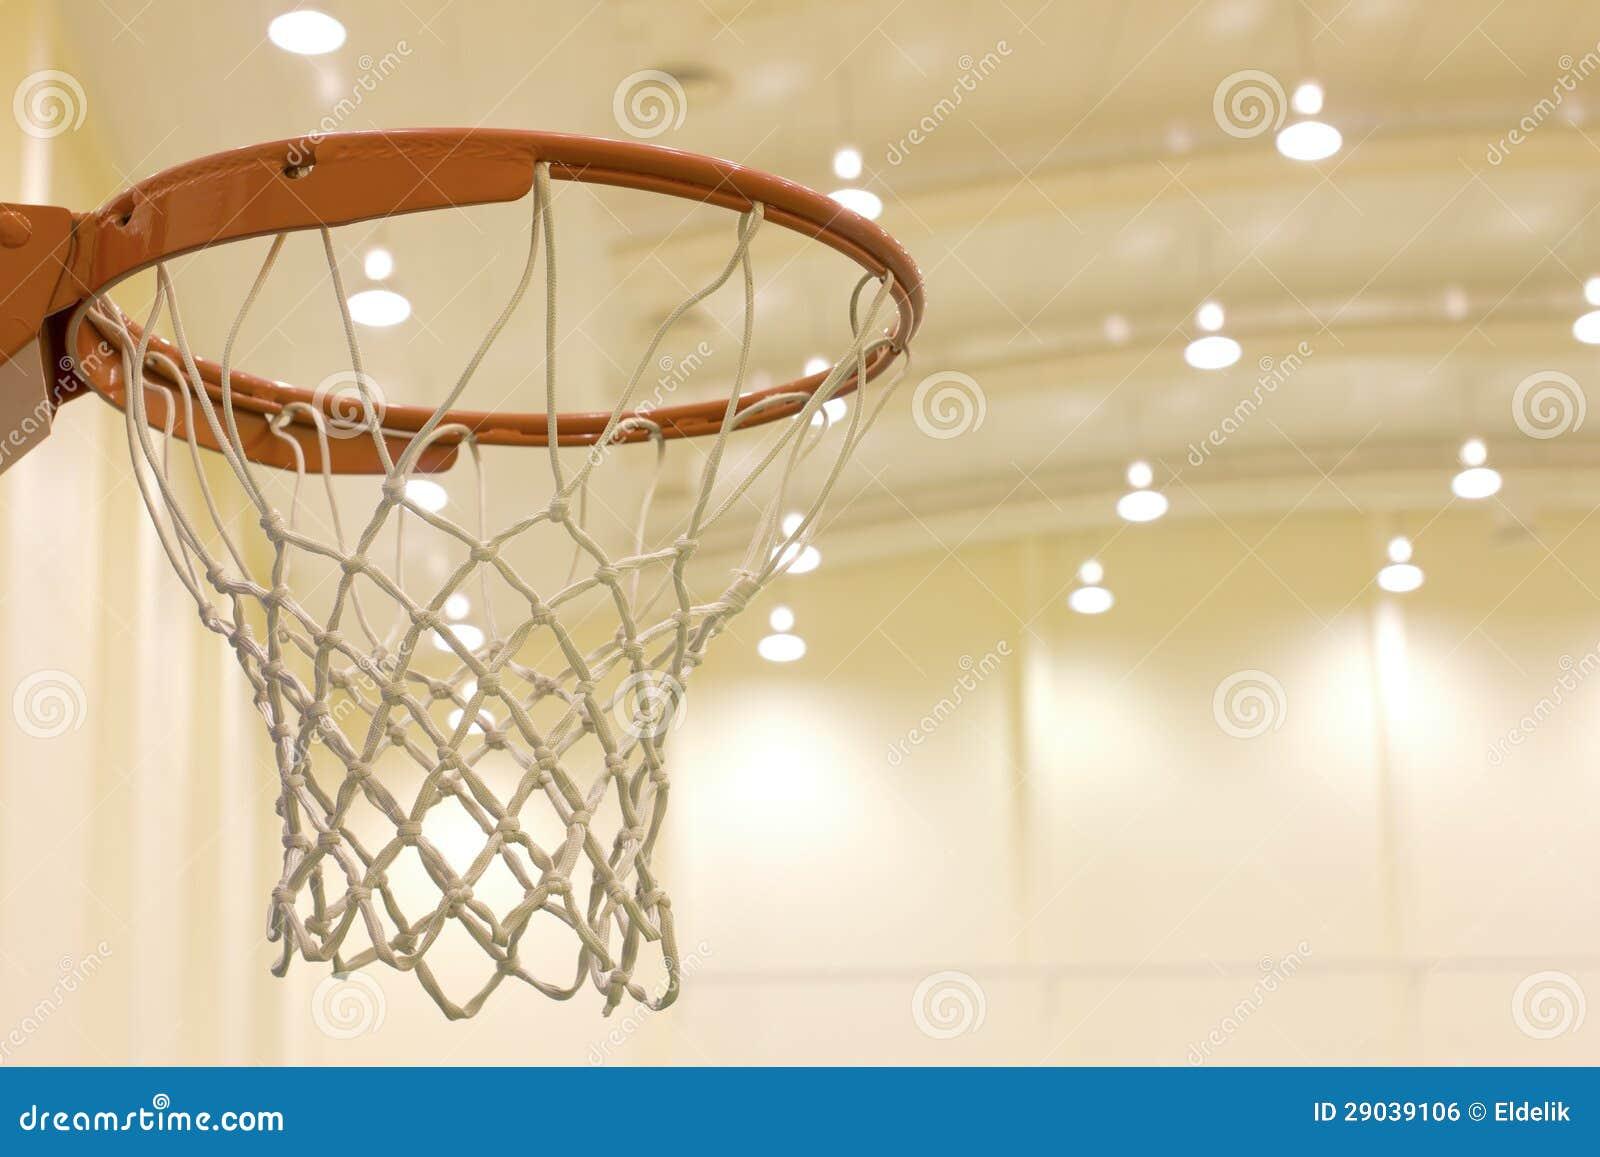 panier de marquage au terrain de basket image libre de. Black Bedroom Furniture Sets. Home Design Ideas